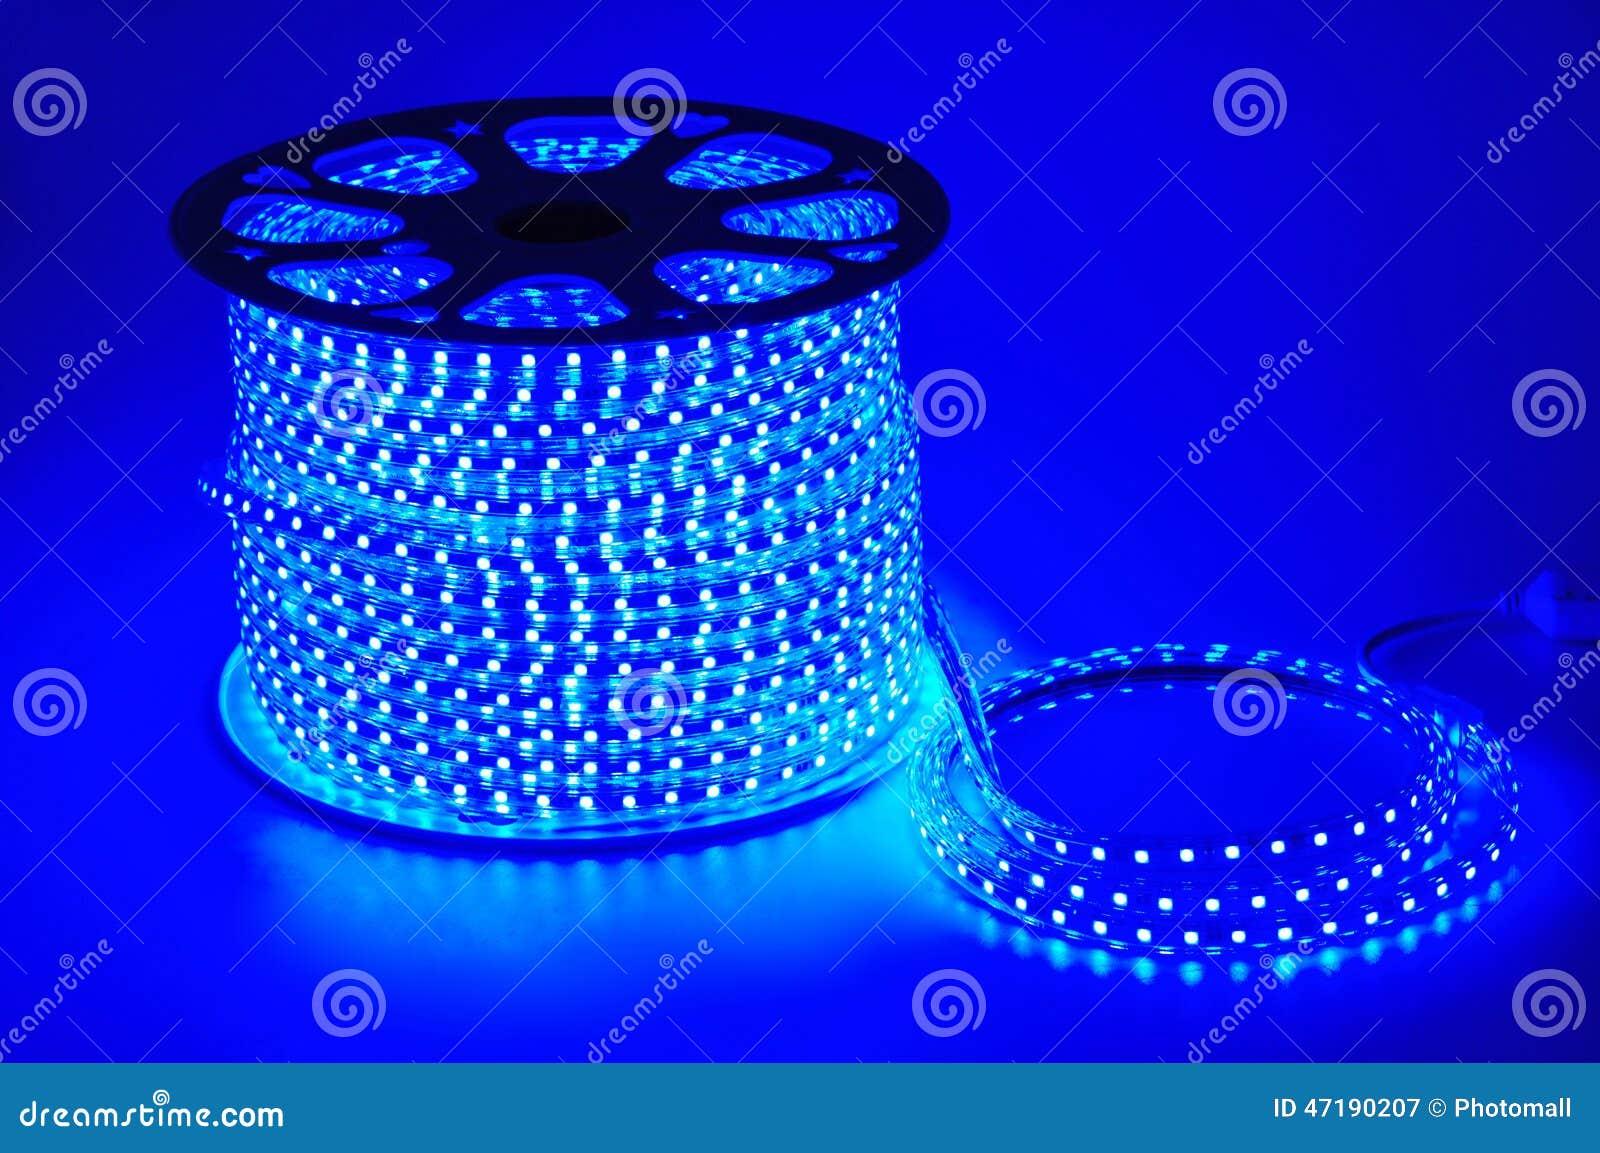 ceinture men e l g re bleue bande men e bandes imperm ables de lumi re du bleu led photo stock. Black Bedroom Furniture Sets. Home Design Ideas